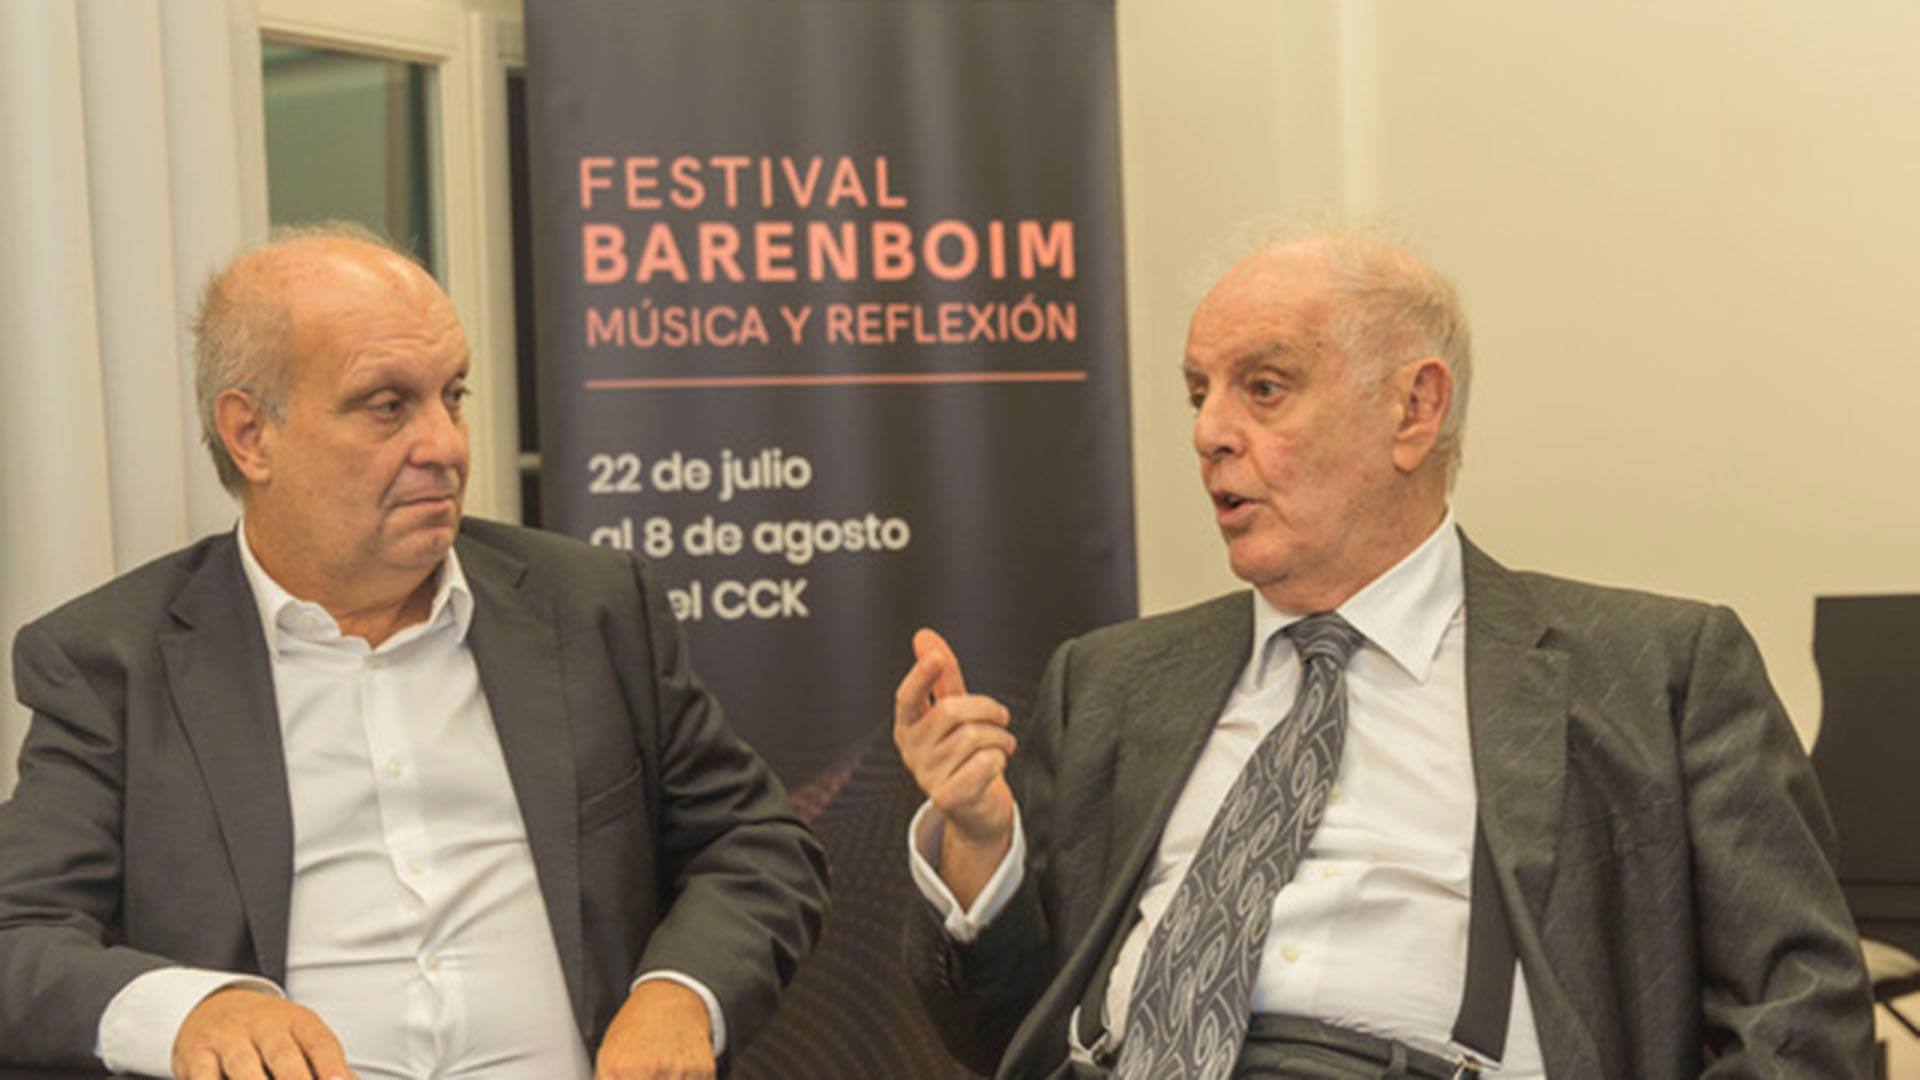 """""""El sentido es reflejar los grandes debates de nuestro tiempo en el marco de un maravilloso programa musical especialmente elegido por el maestro Barenboim para esta edición del Festival"""", dijo el secretario de Medios Lombardi."""